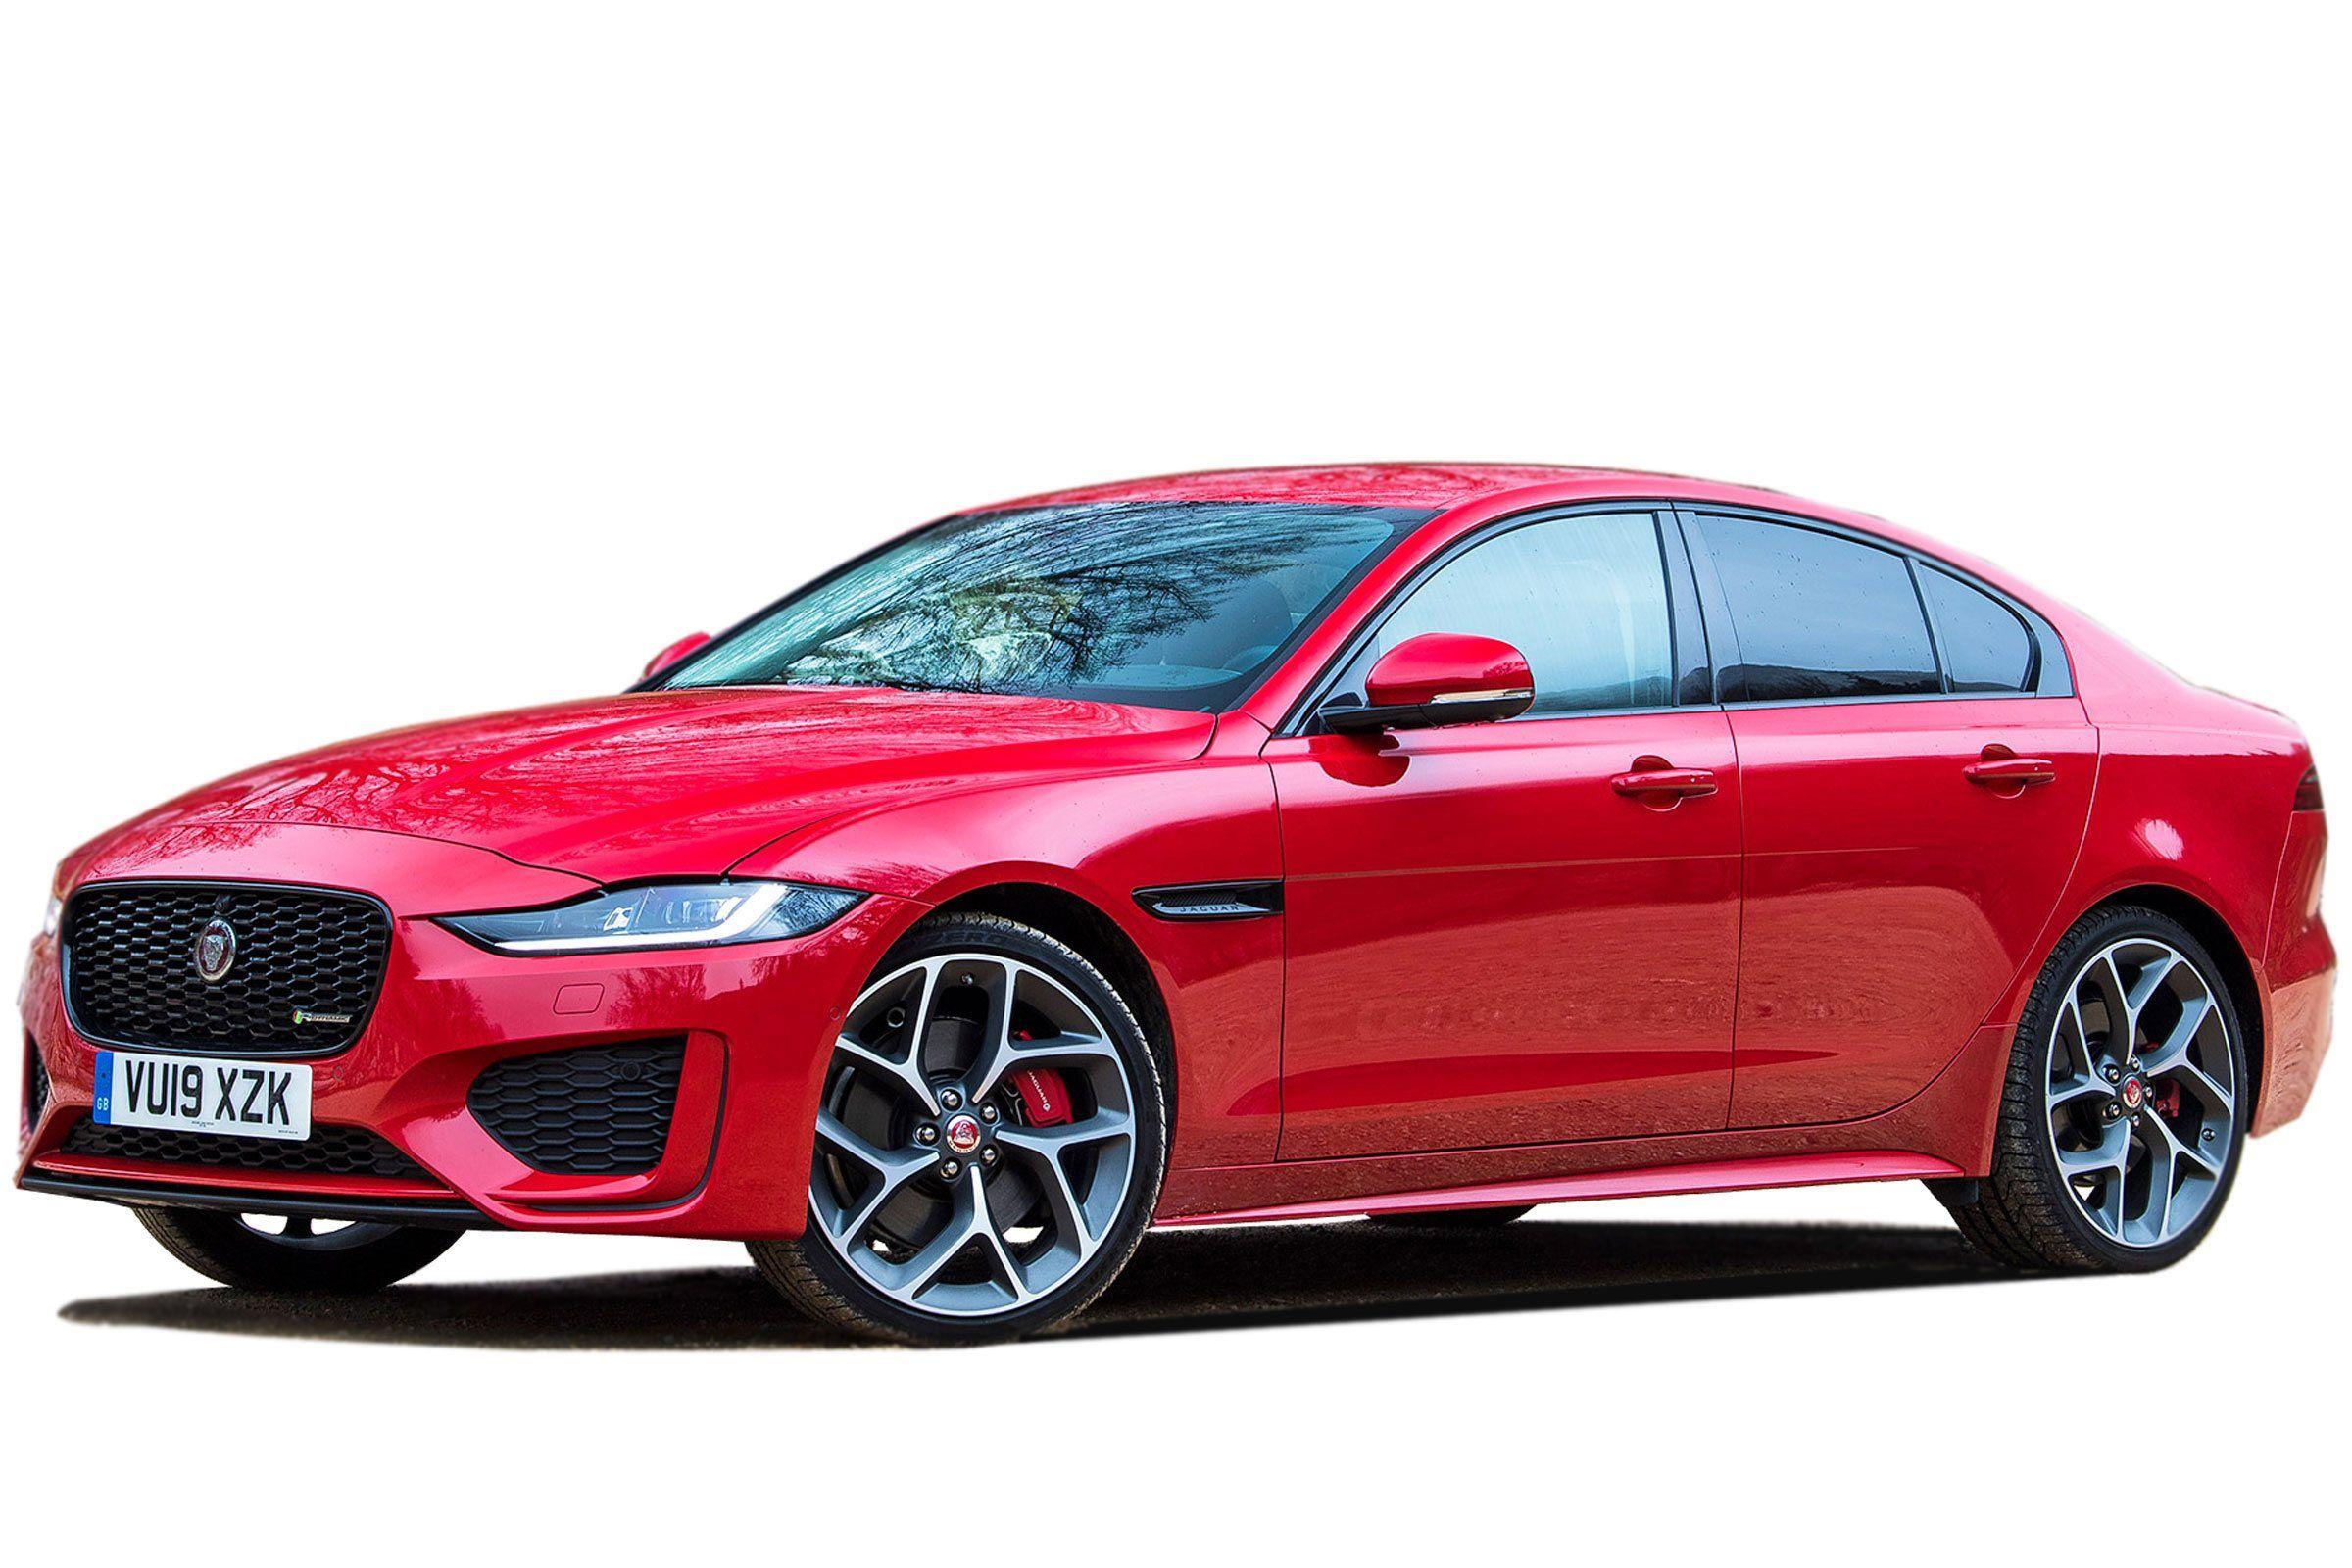 2020 jaguar xe sedan price in 2020 jaguar xe jaguar xf